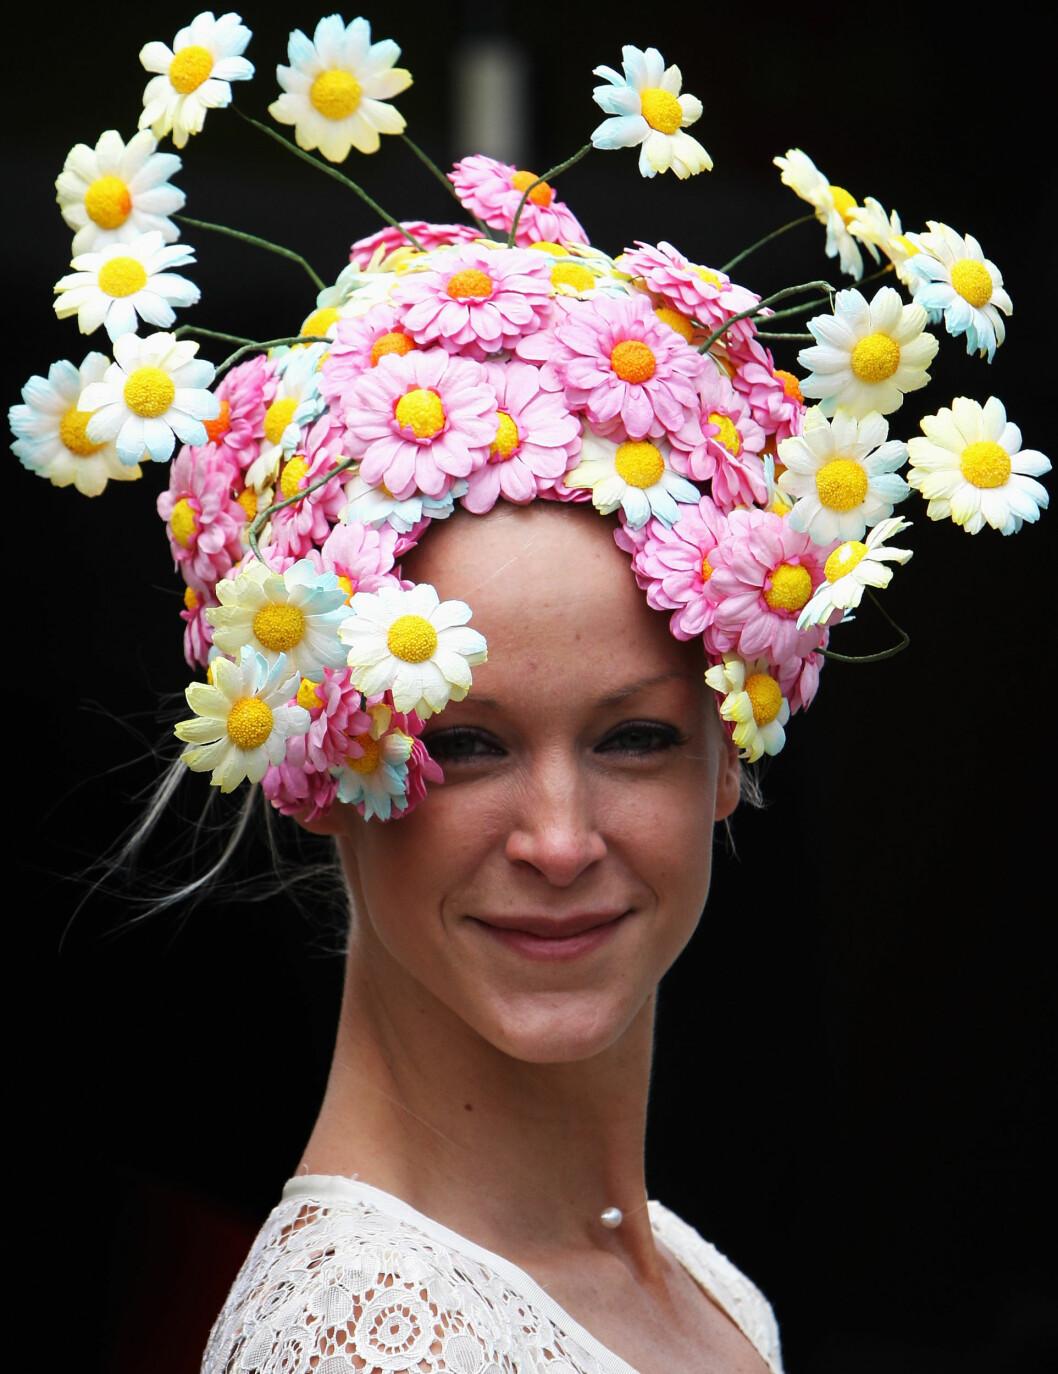 En av Ascots søteste blomsterhatter. Foto: All Over Press